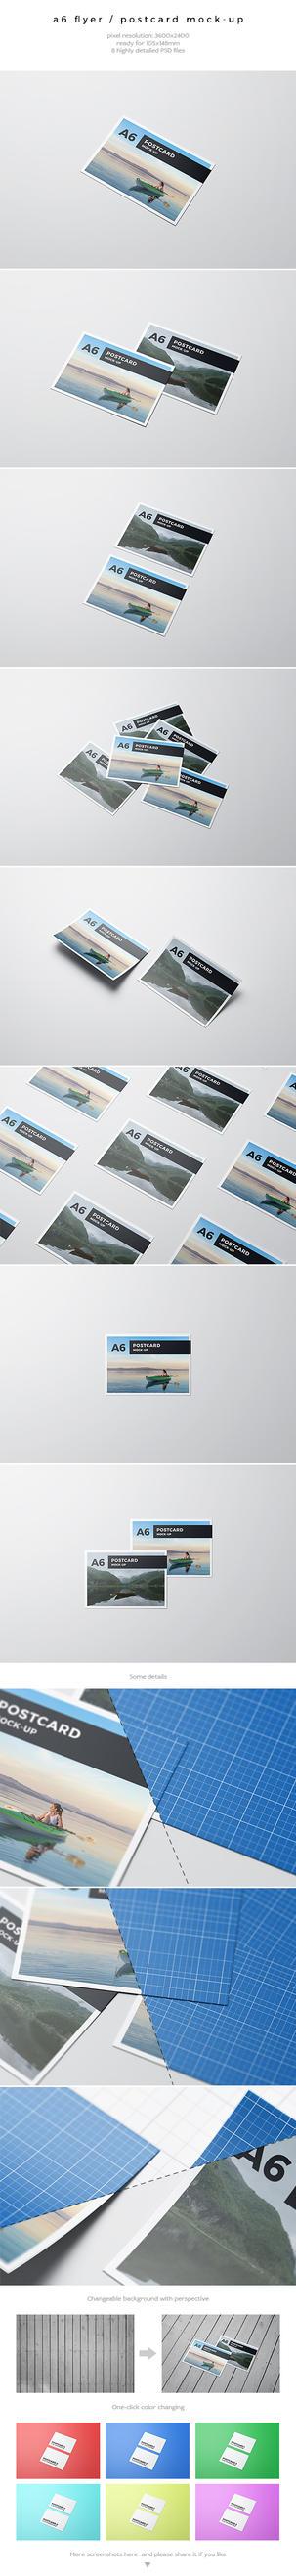 A6 Flyer / Postcard Mock-Up by kotulsky